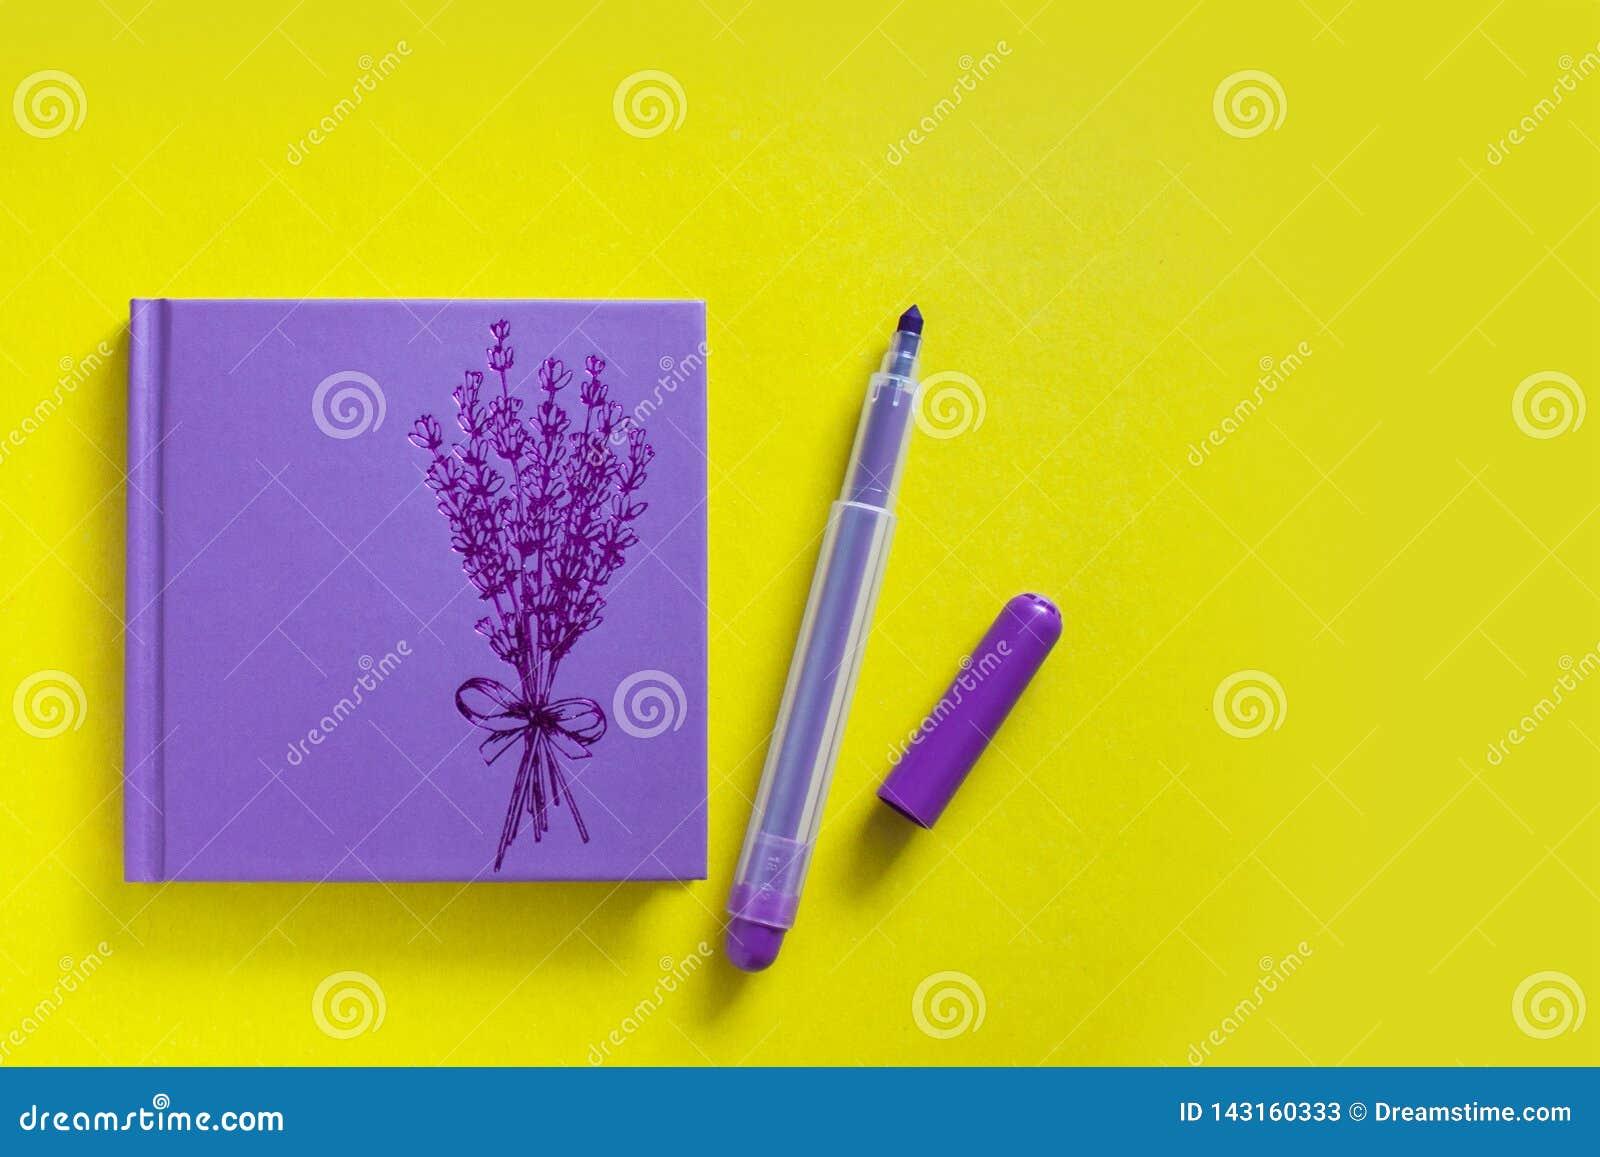 Ιώδες σημειωματάριο με την αισθητή μάνδρα στο κίτρινο υπόβαθρο